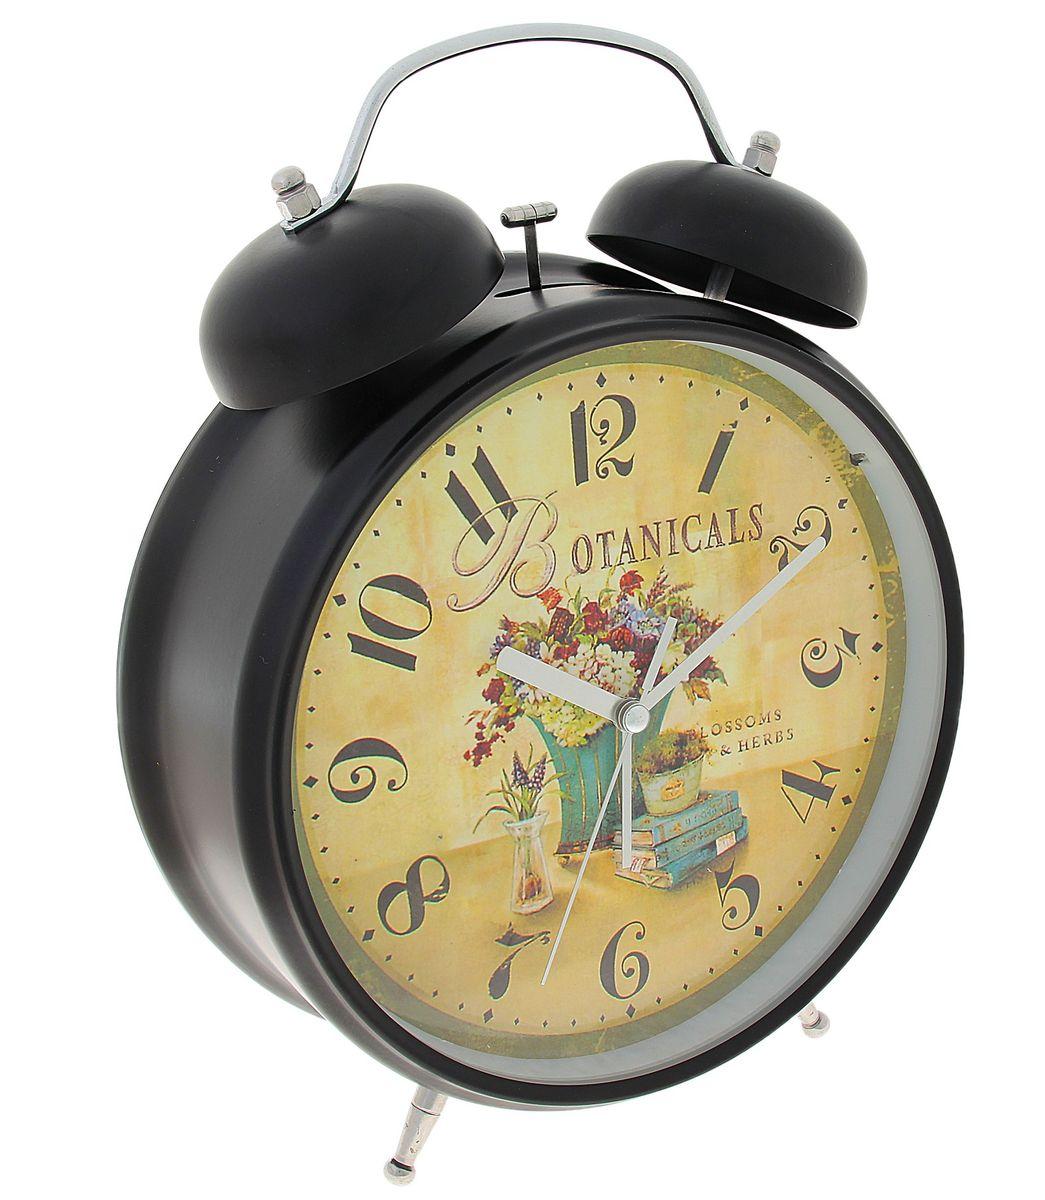 Часы-будильник Sima-land Botanicals, цвет: черный, бежевый, диаметр 20 см720871Часы-будильник Sima-land Botanicals - это невероятных размеров устройство, созданное специально для тех, кто с трудом просыпается по утрам! Изделие обладает оригинальным интересным дизайном. Такой будильник станет изюминкой вашего интерьера. Будильник работает от 3 батареек типа АА 1,5 В (в комплект не входят). На задней панели будильника расположены переключатель включения/выключения механизма, два поворотных рычага для настройки текущего времени и установки будильника, а также кнопка для включения подсветки циферблата. Диаметр циферблата: 20 см.